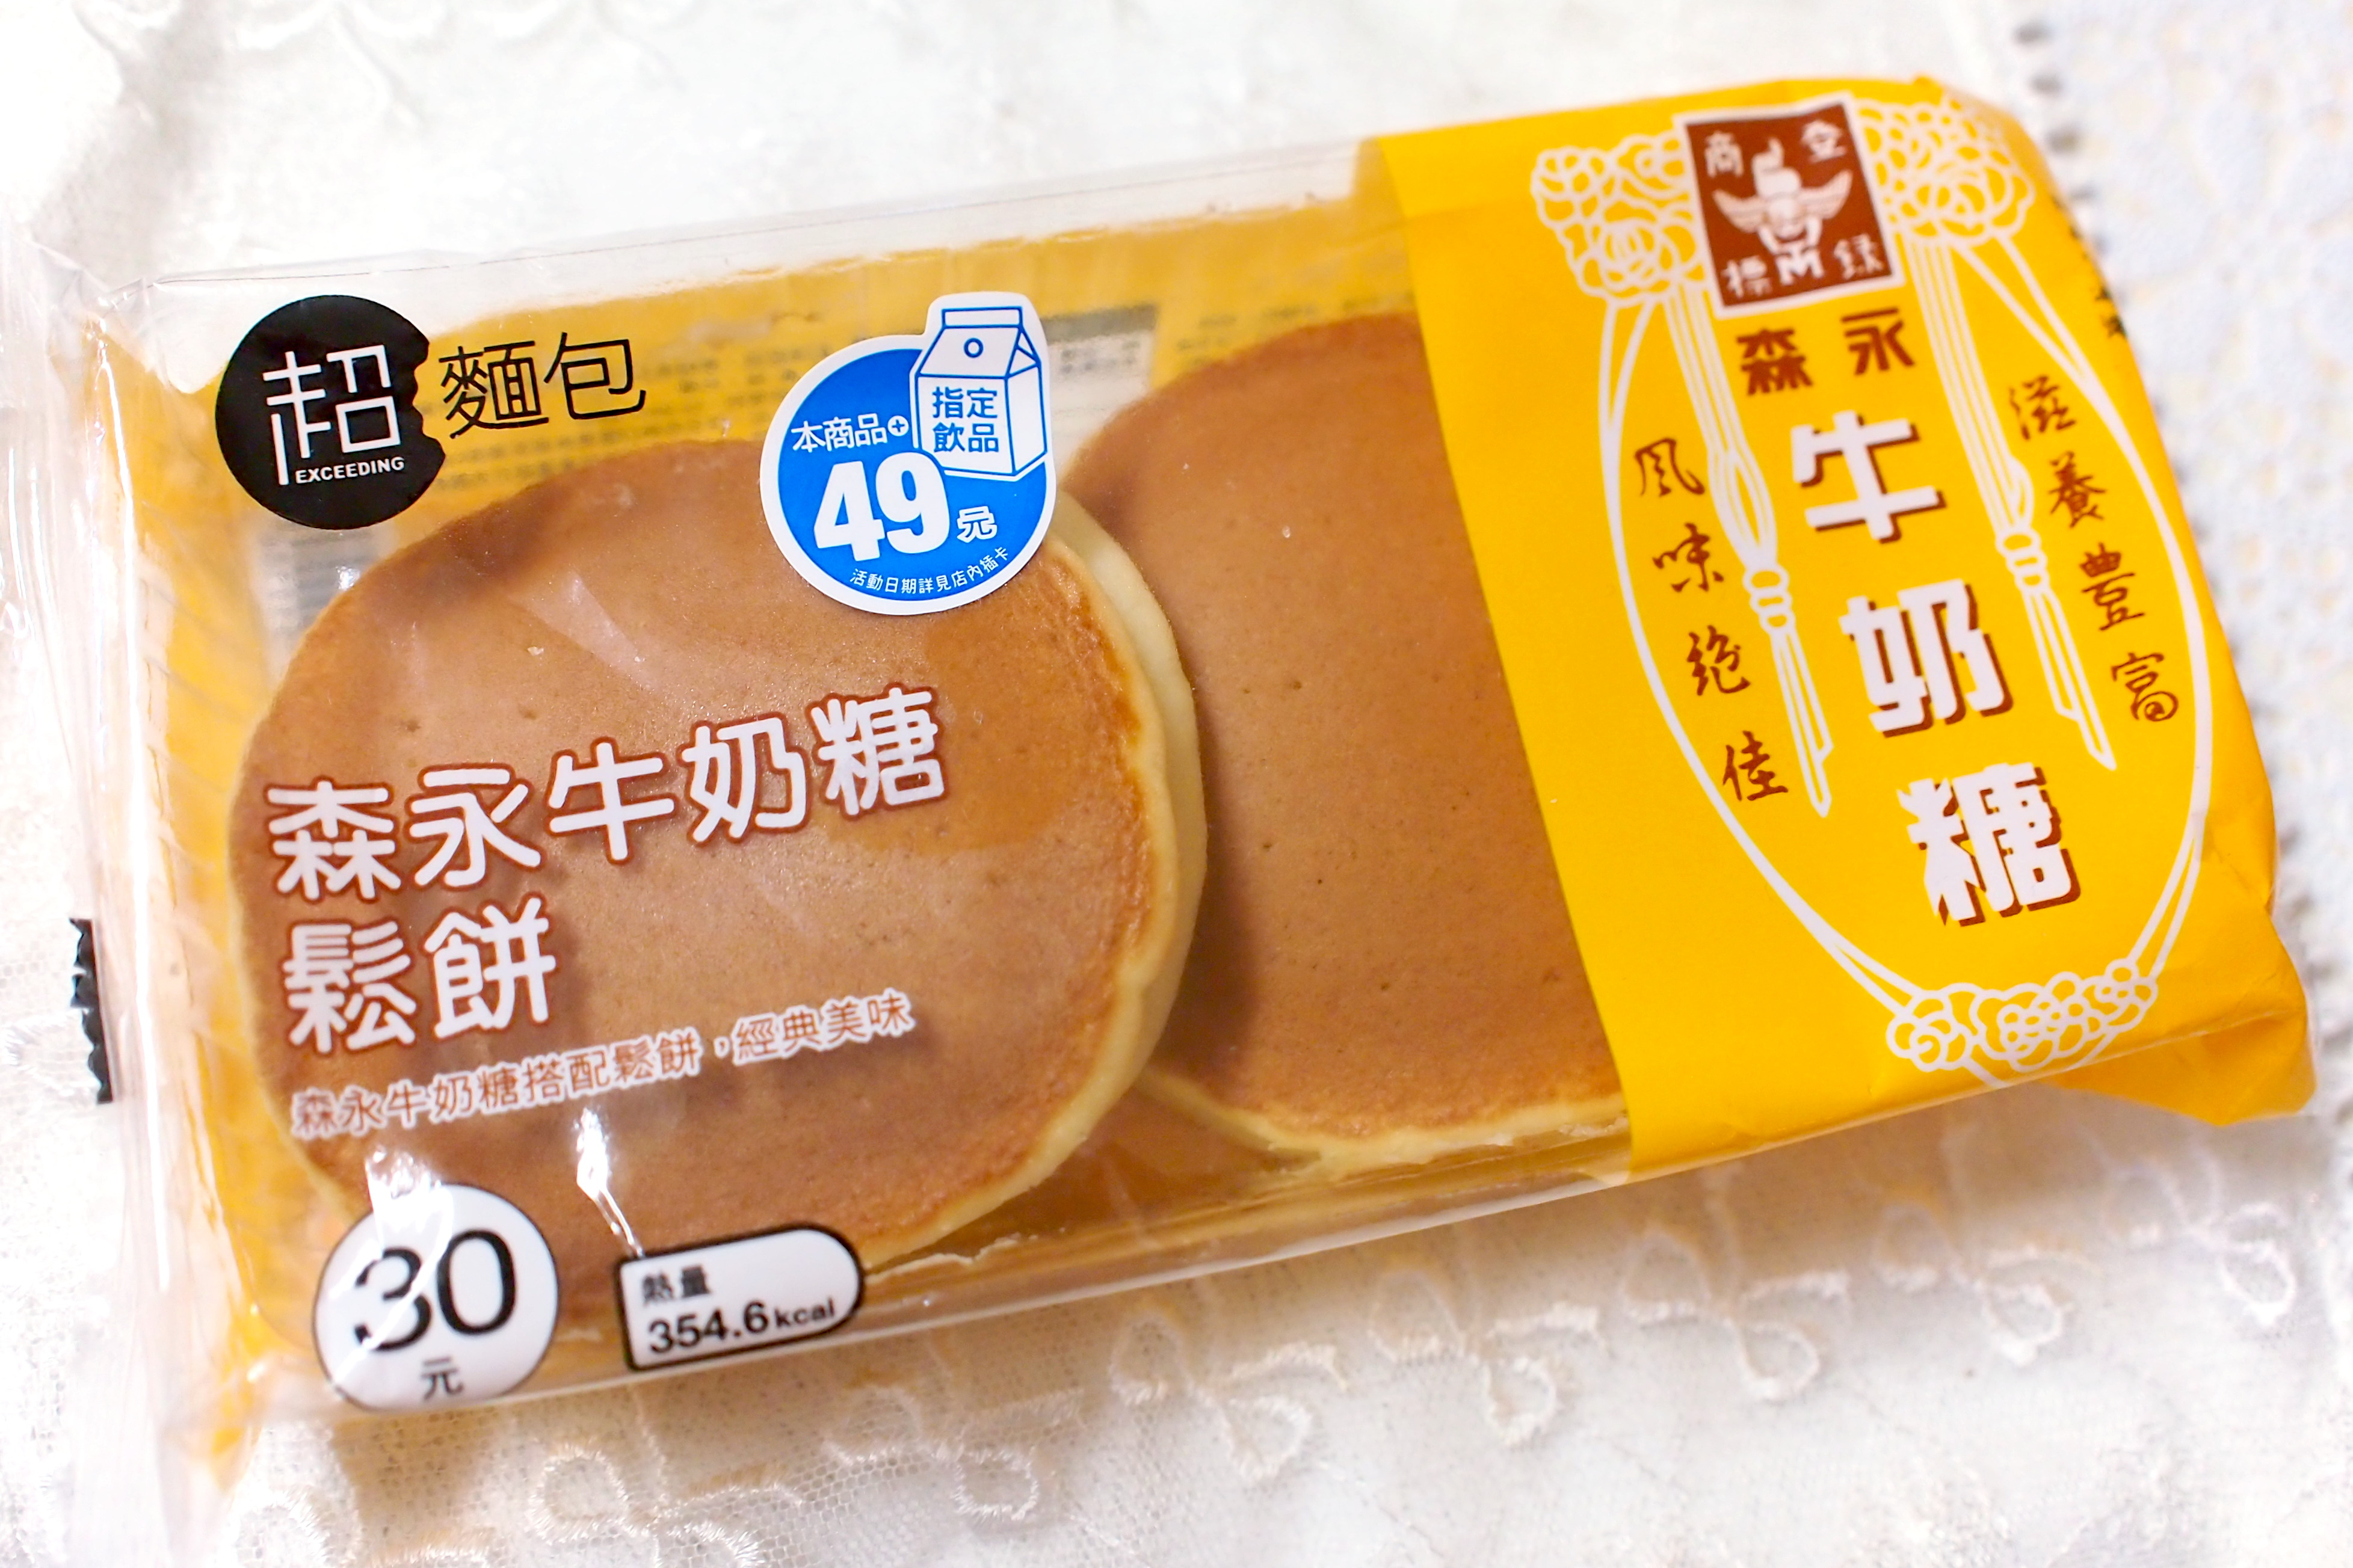 森永牛奶糖鬆餅02@FamilyMart